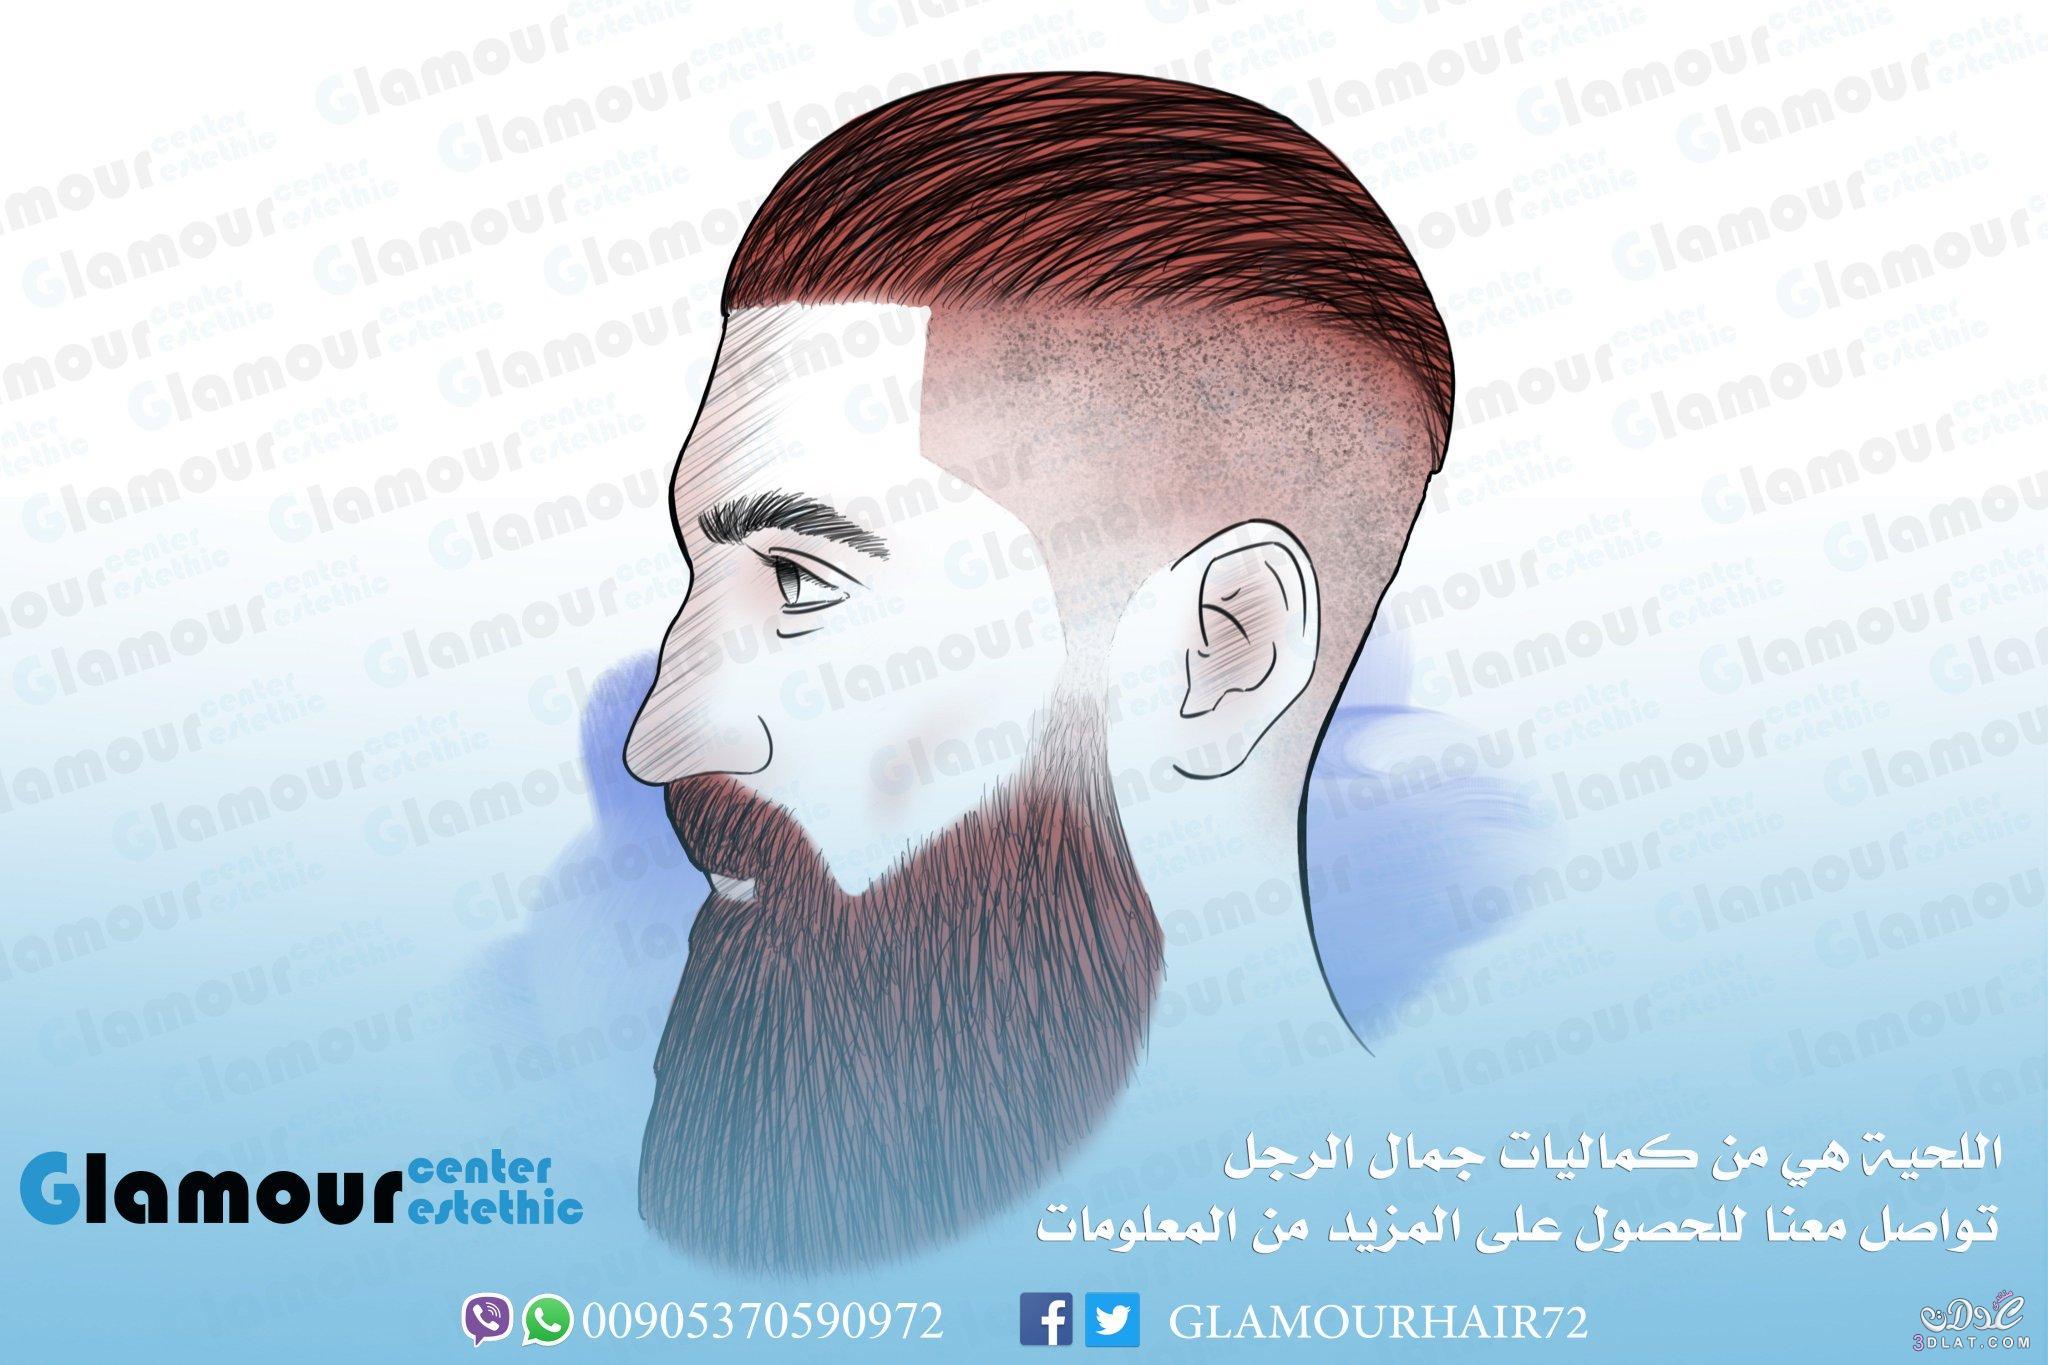 زراعة الشعر في تركيا, معلومات من مركز غلامور الطبي